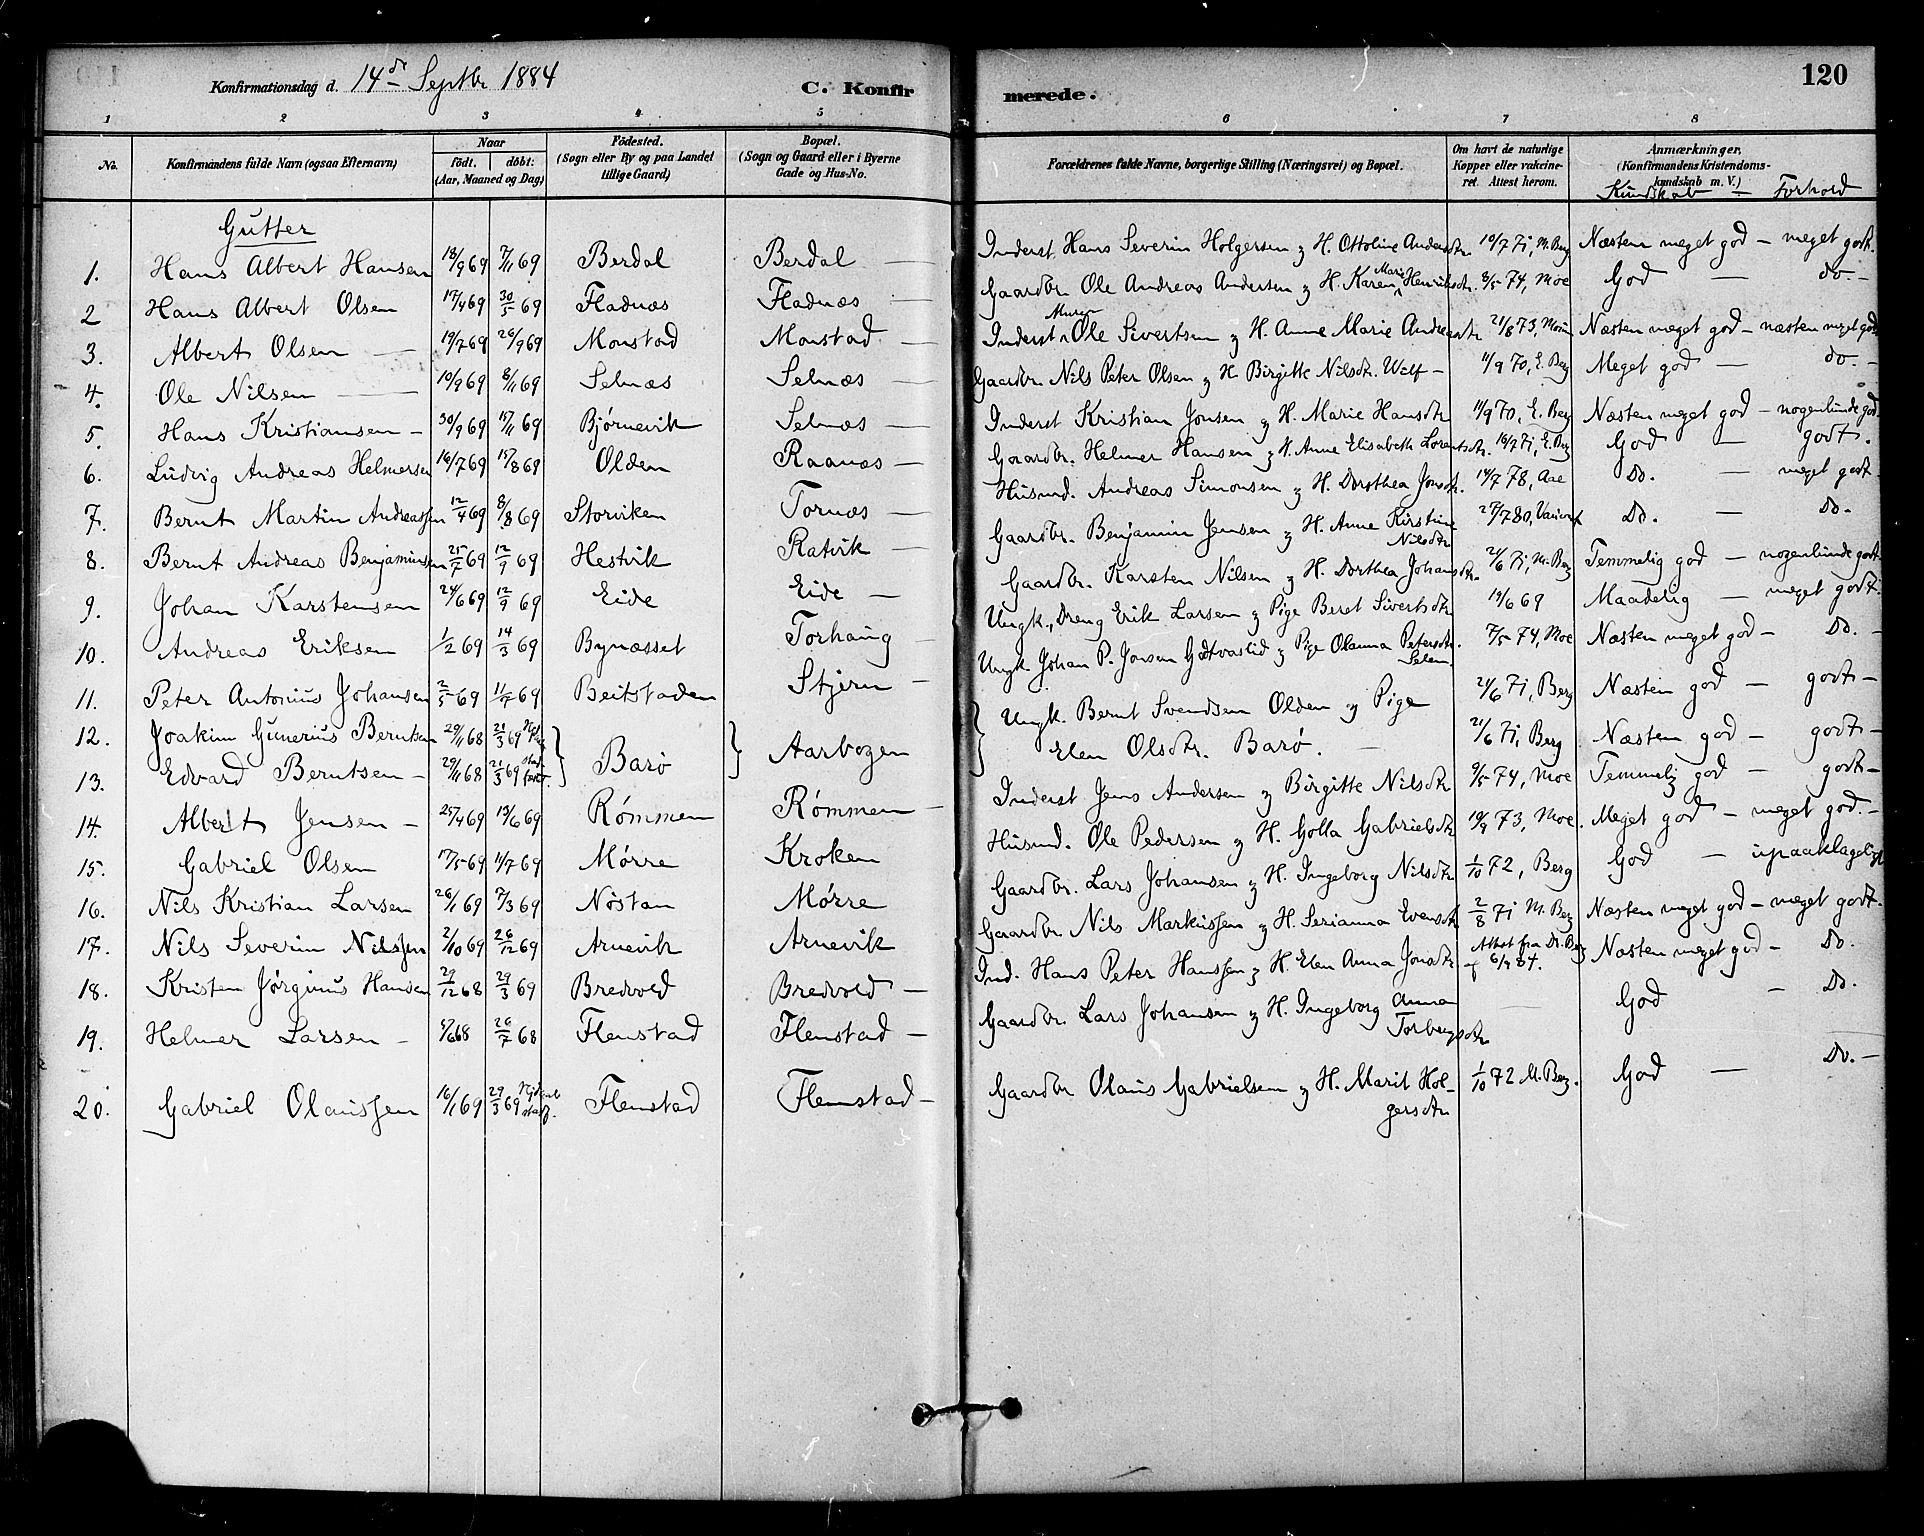 SAT, Ministerialprotokoller, klokkerbøker og fødselsregistre - Sør-Trøndelag, 655/L0680: Ministerialbok nr. 655A09, 1880-1894, s. 120